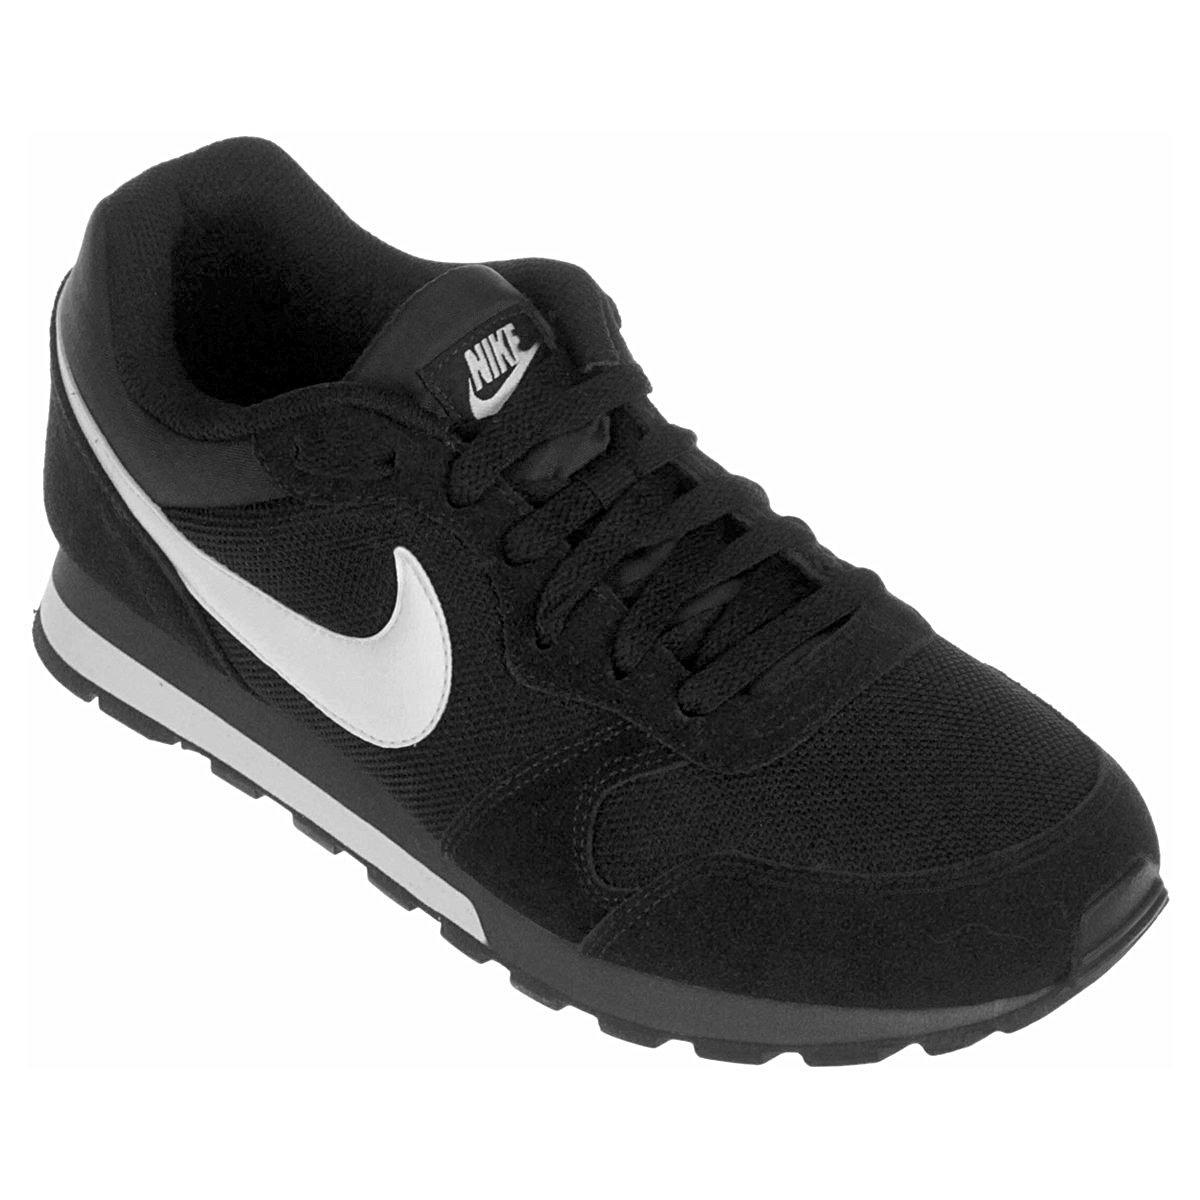 fede5842656 Tênis Nike Md Runner 2 Masculino - Preto e Branco - Compre Agora ...